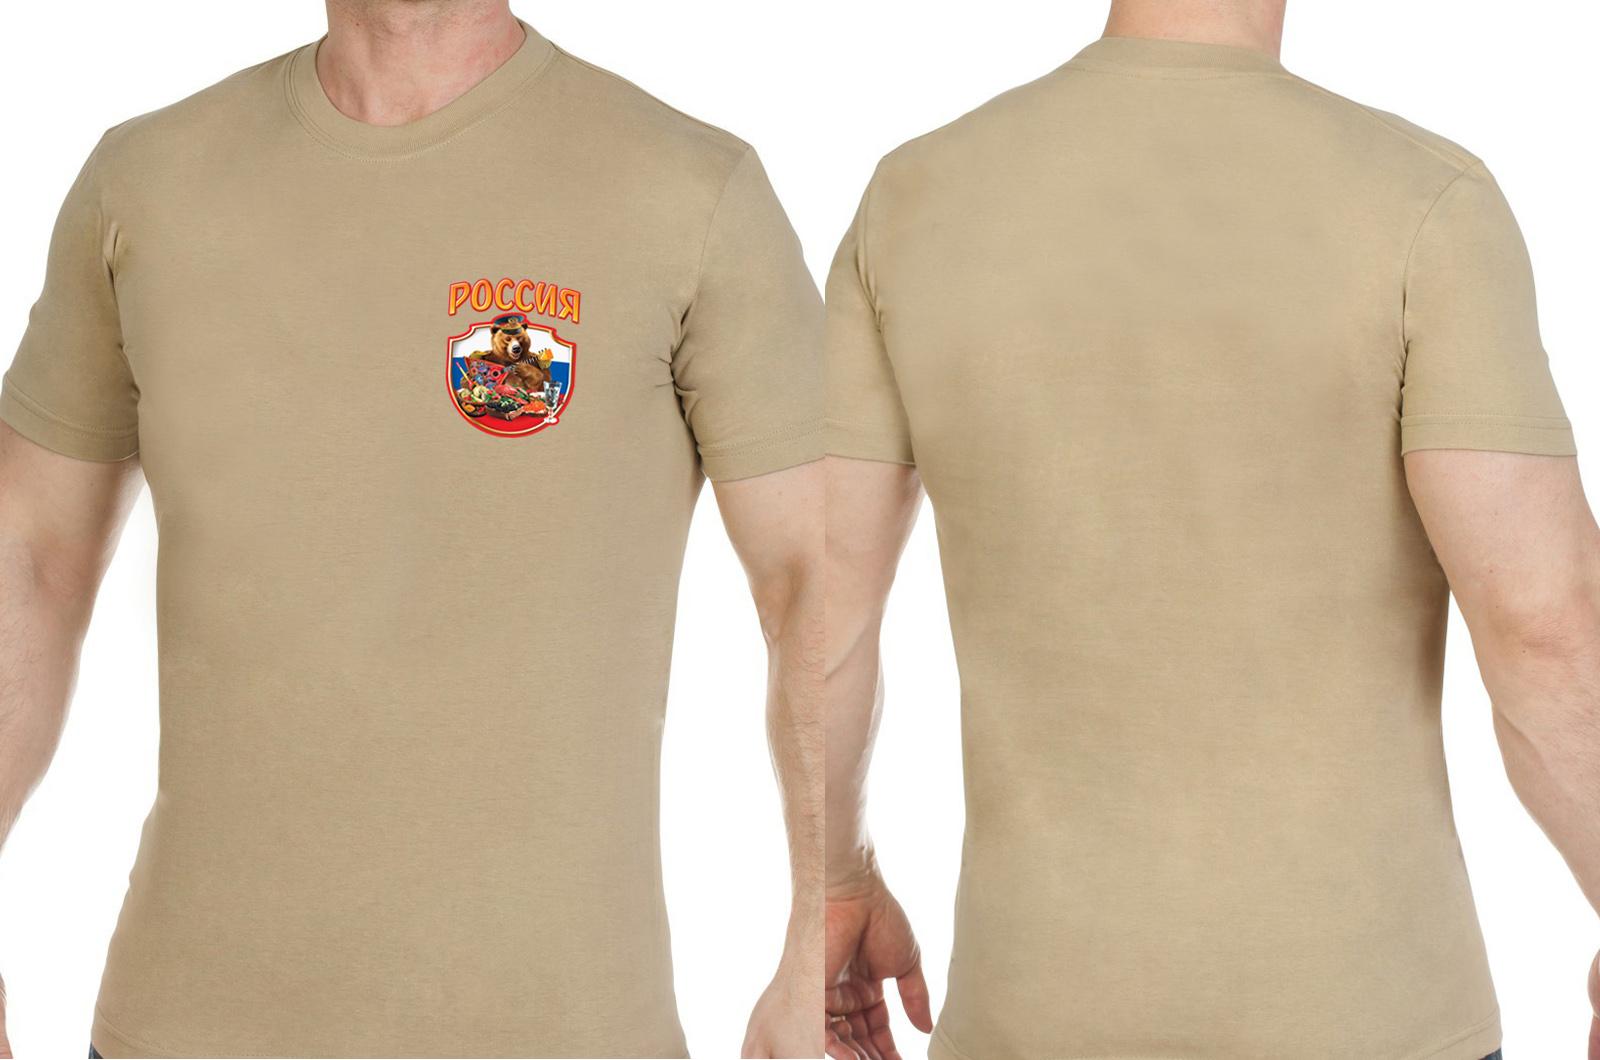 Трикотажная песочная футболка Россия - заказать онлайн